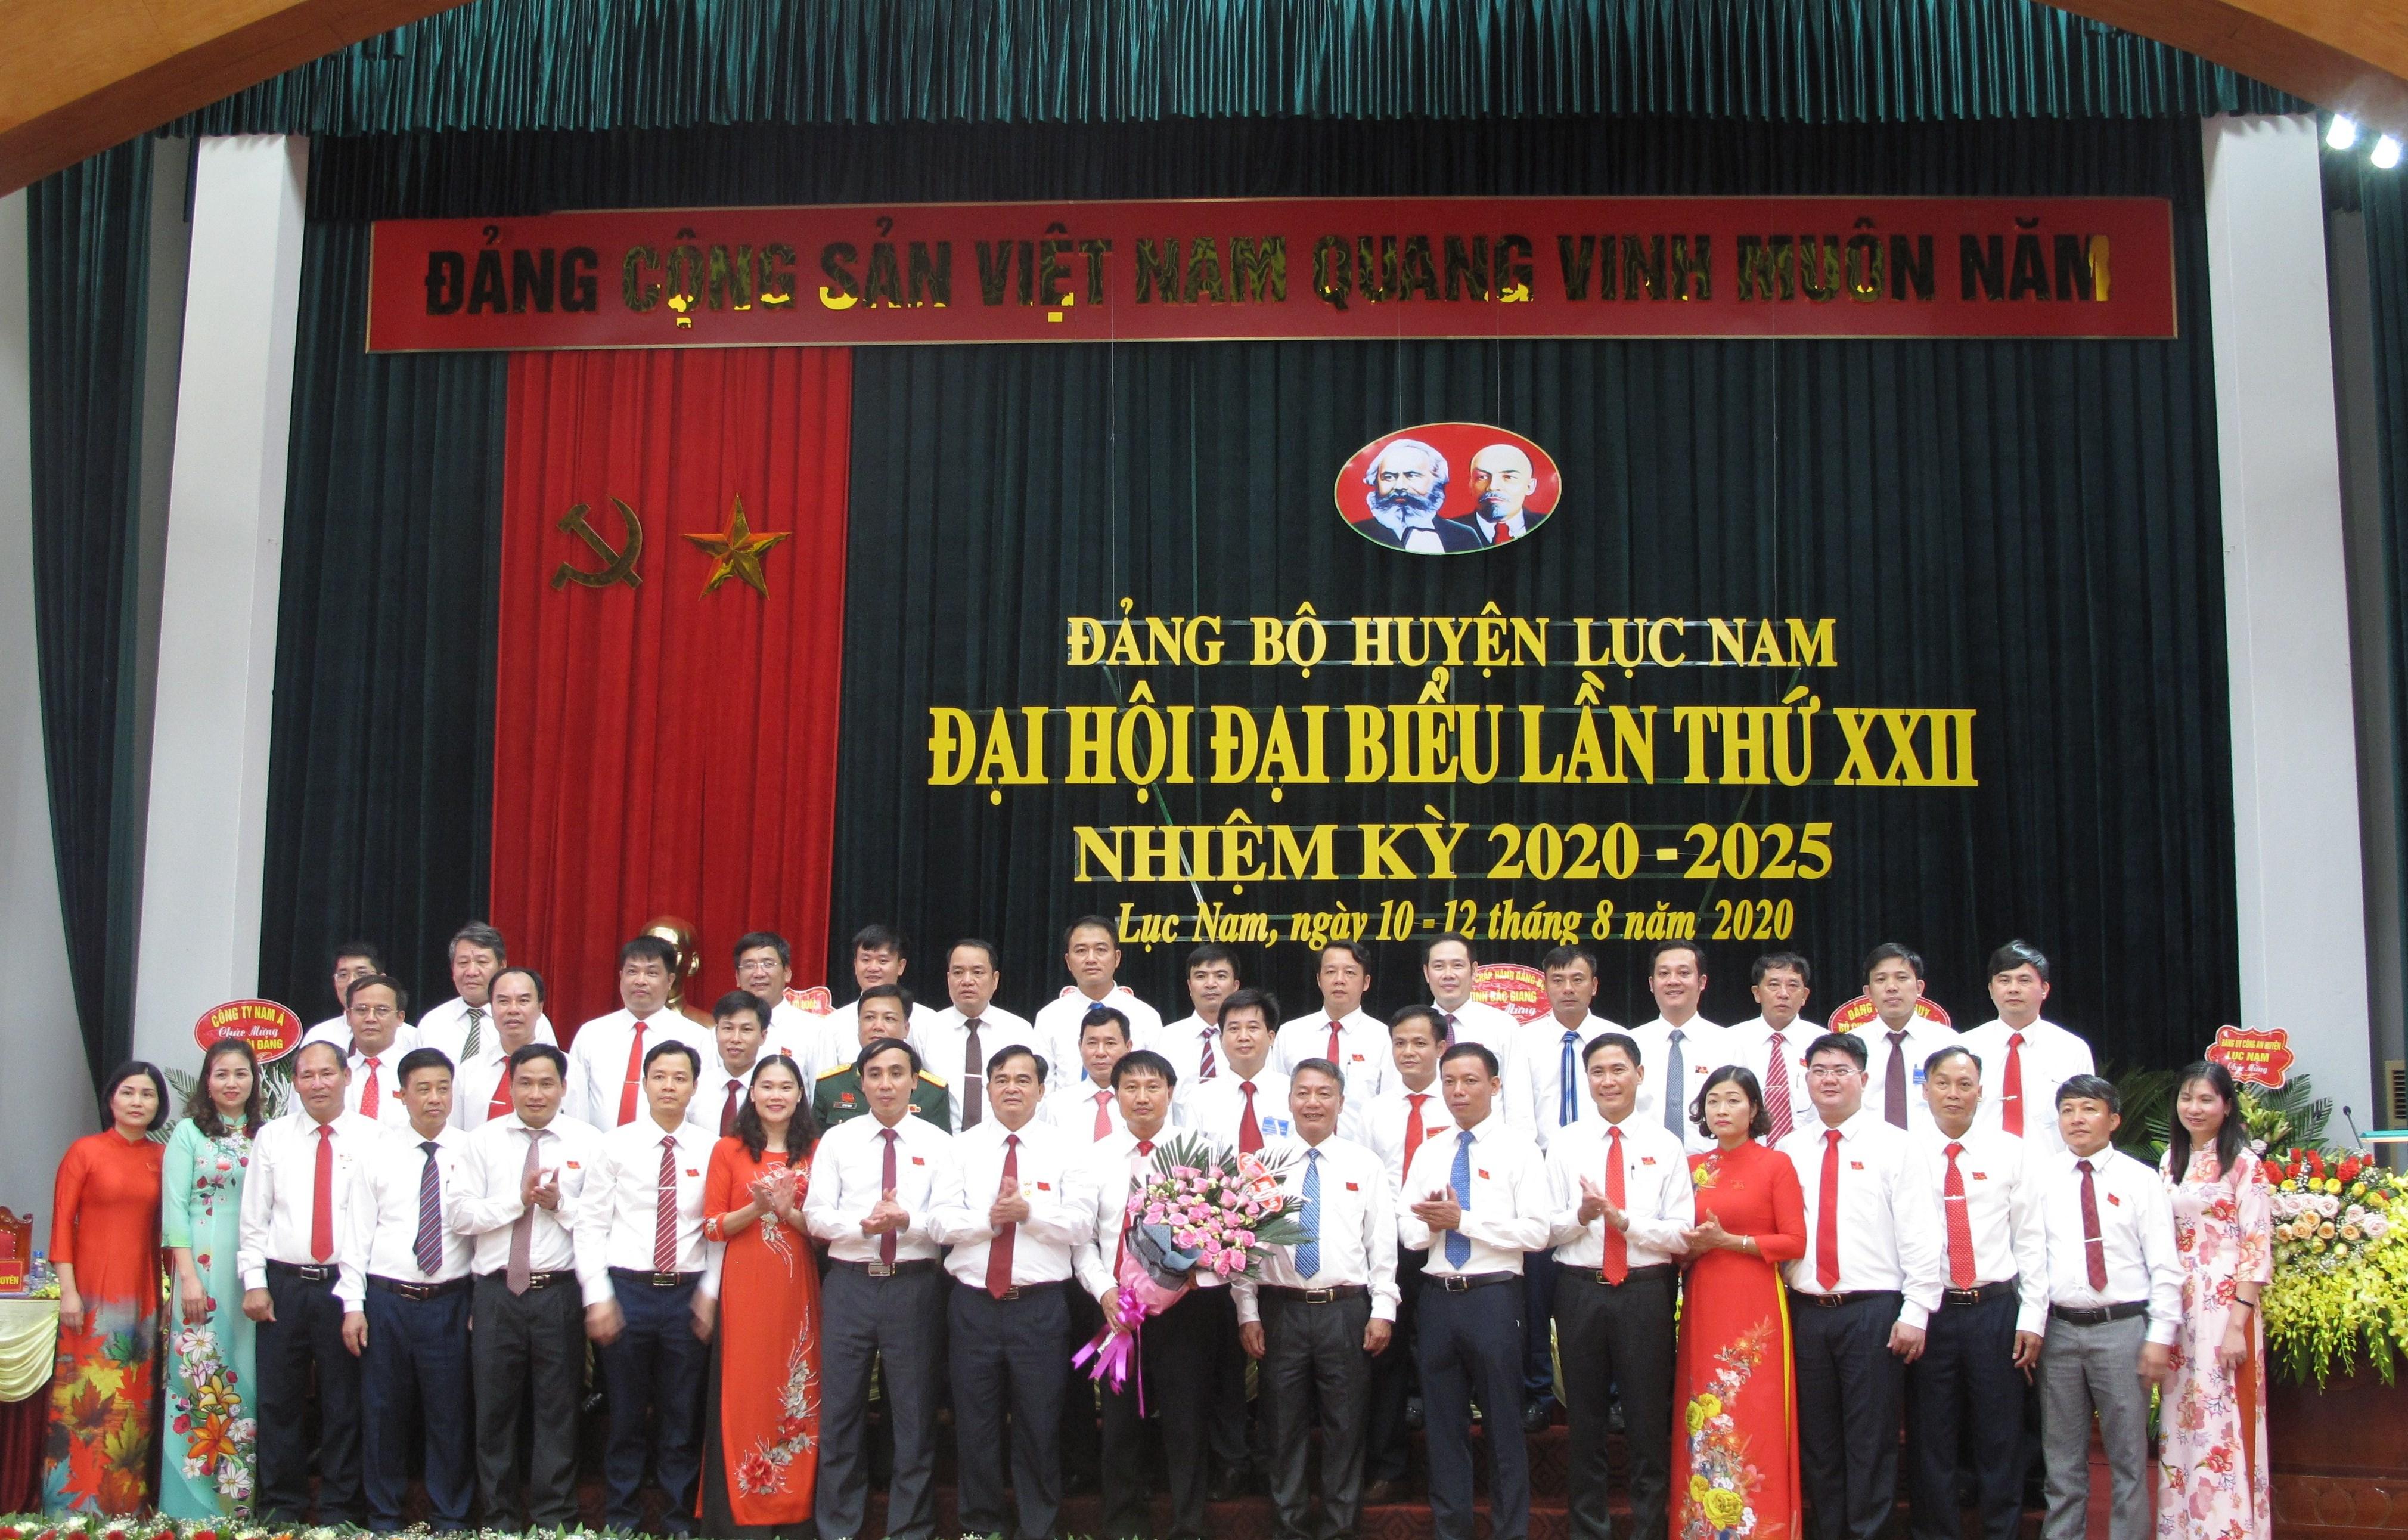 Ra mắt Ban chấp hành Đảng bộ huyện Lục Nam khóa XXII, nhiệm kỳ 2020-2025